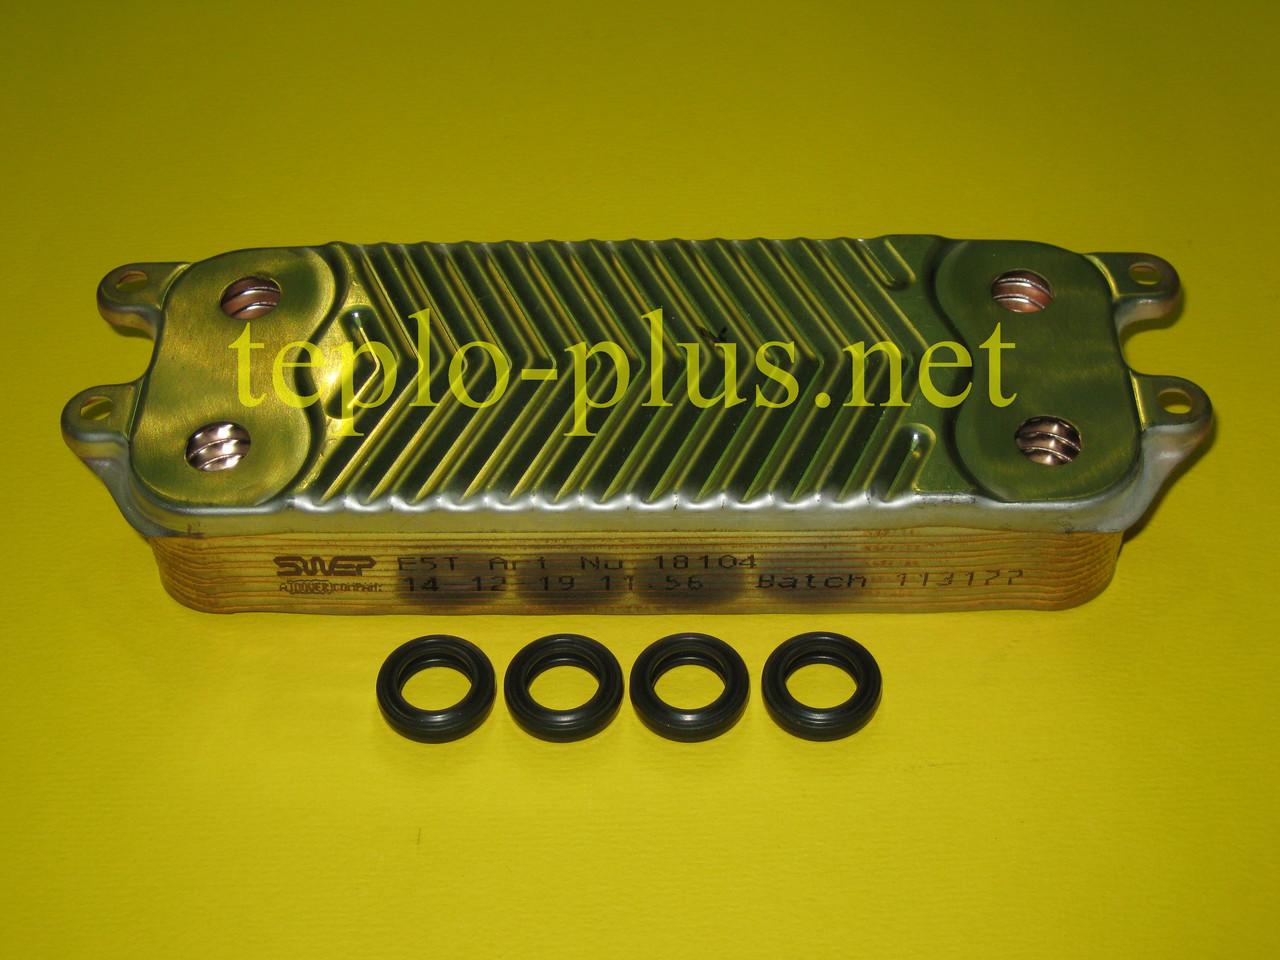 Vaillant turbotec pro вторичный теплообменник замена Уплотнения теплообменника APV O034 Ноябрьск